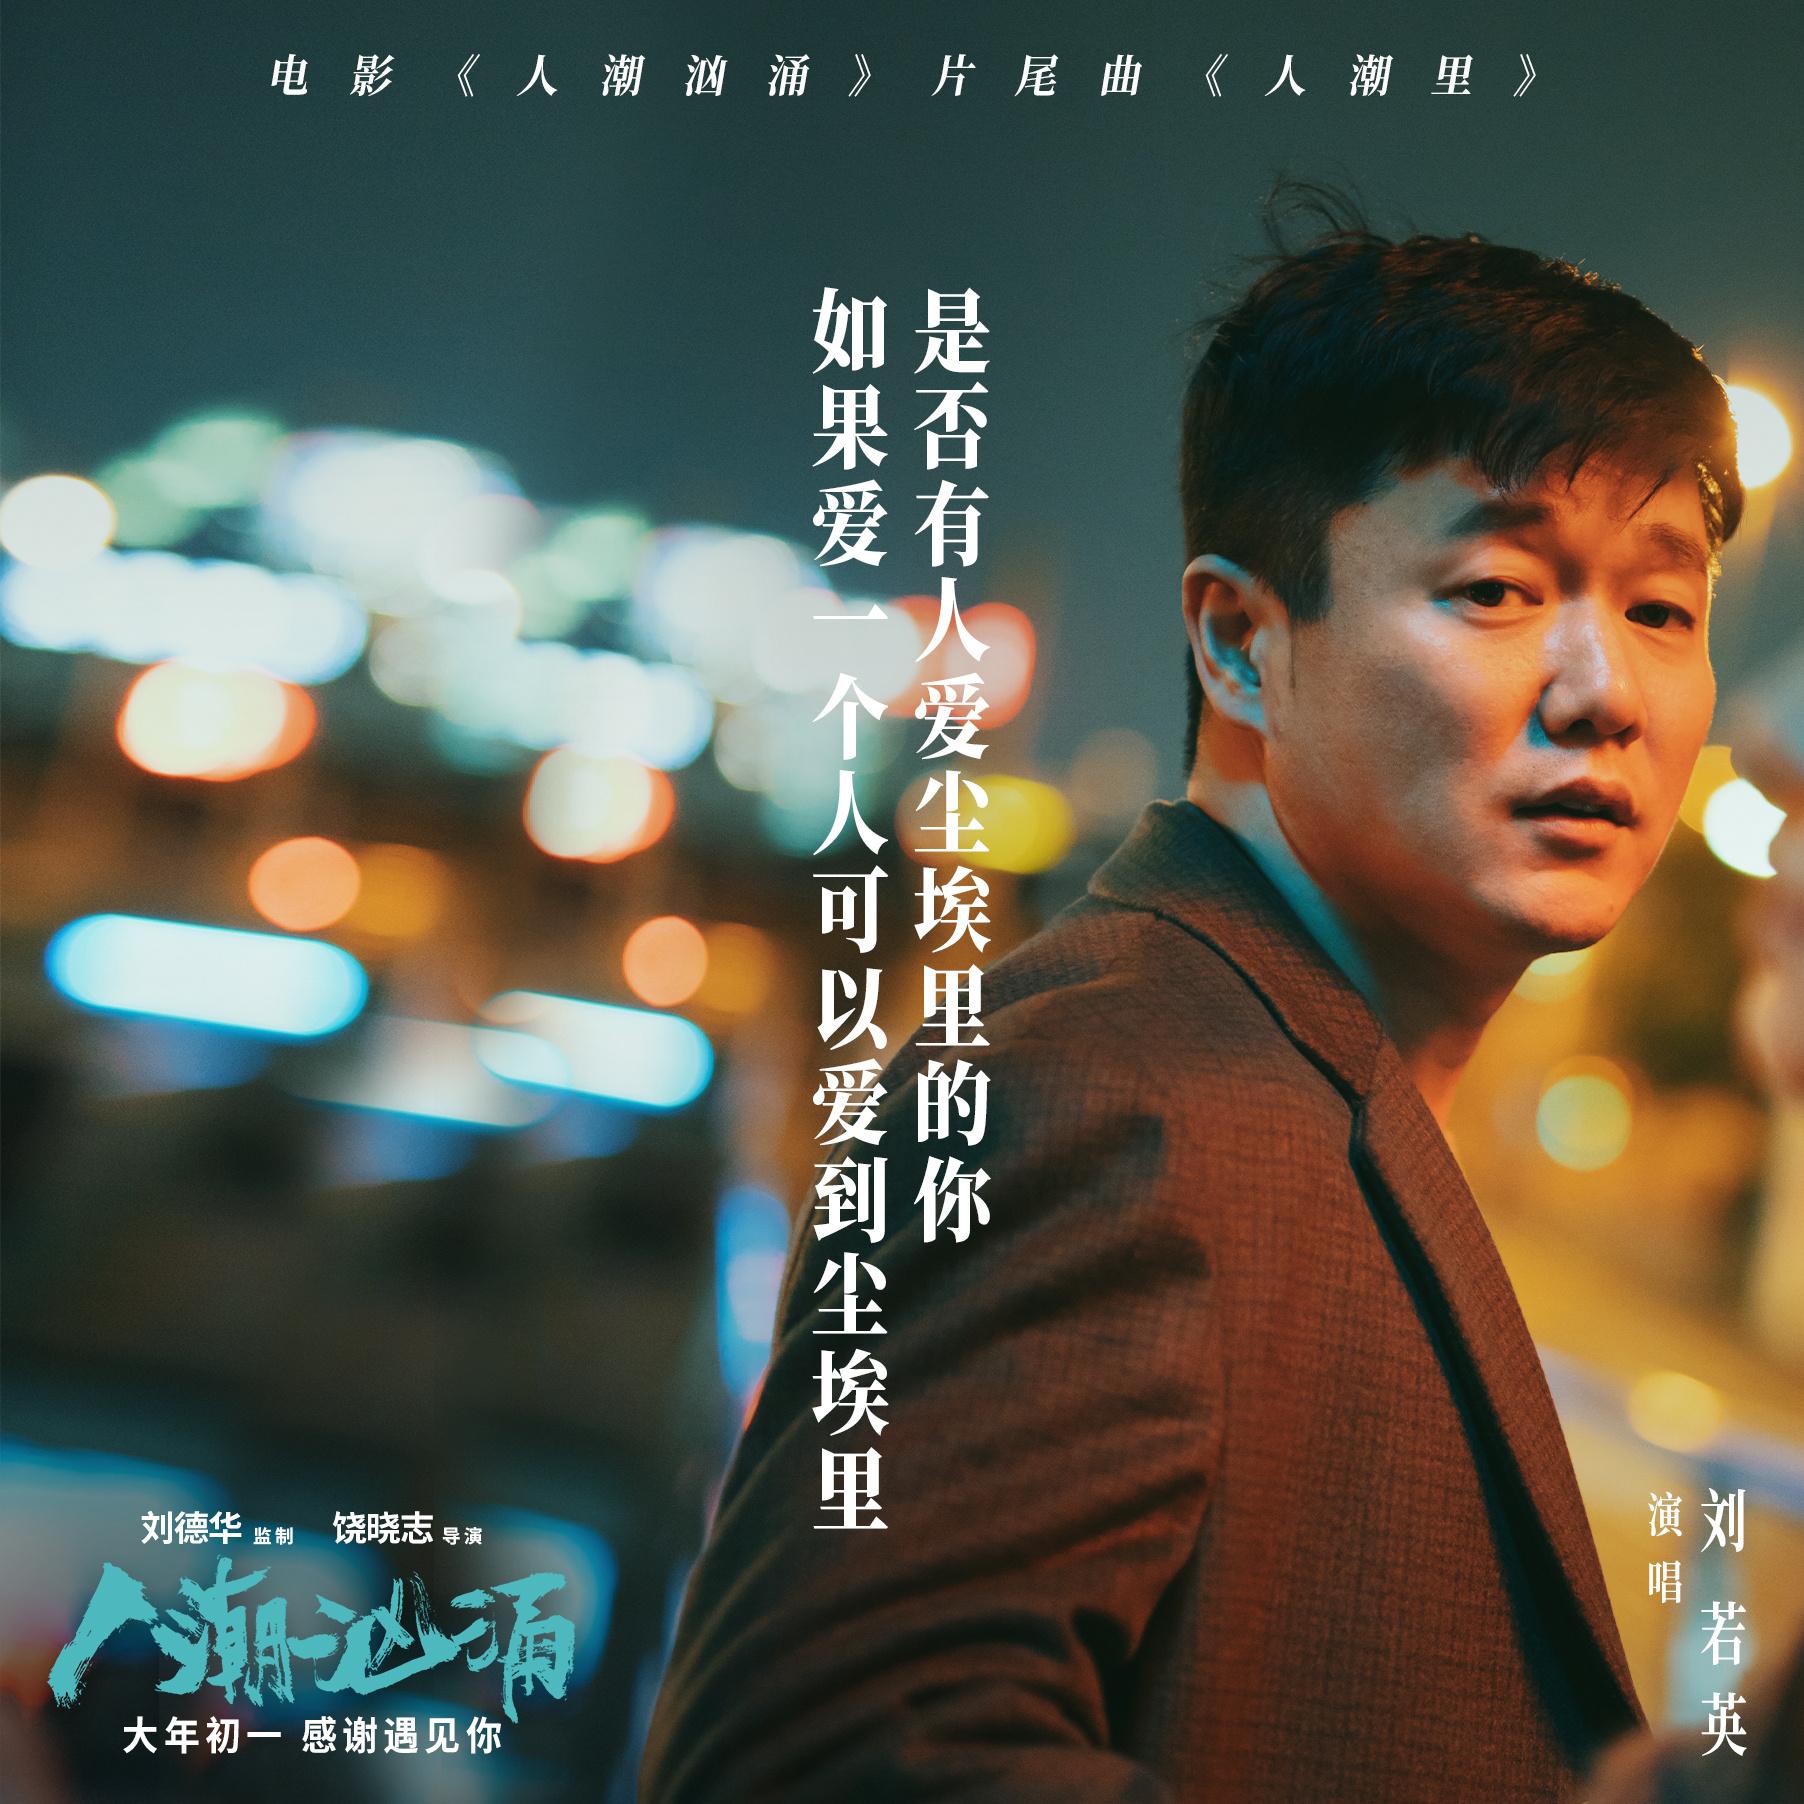 电银付加盟(dianyinzhifu.com):刘若英刘德华16年后再对唱 《人潮汹涌》曝片尾曲 第5张